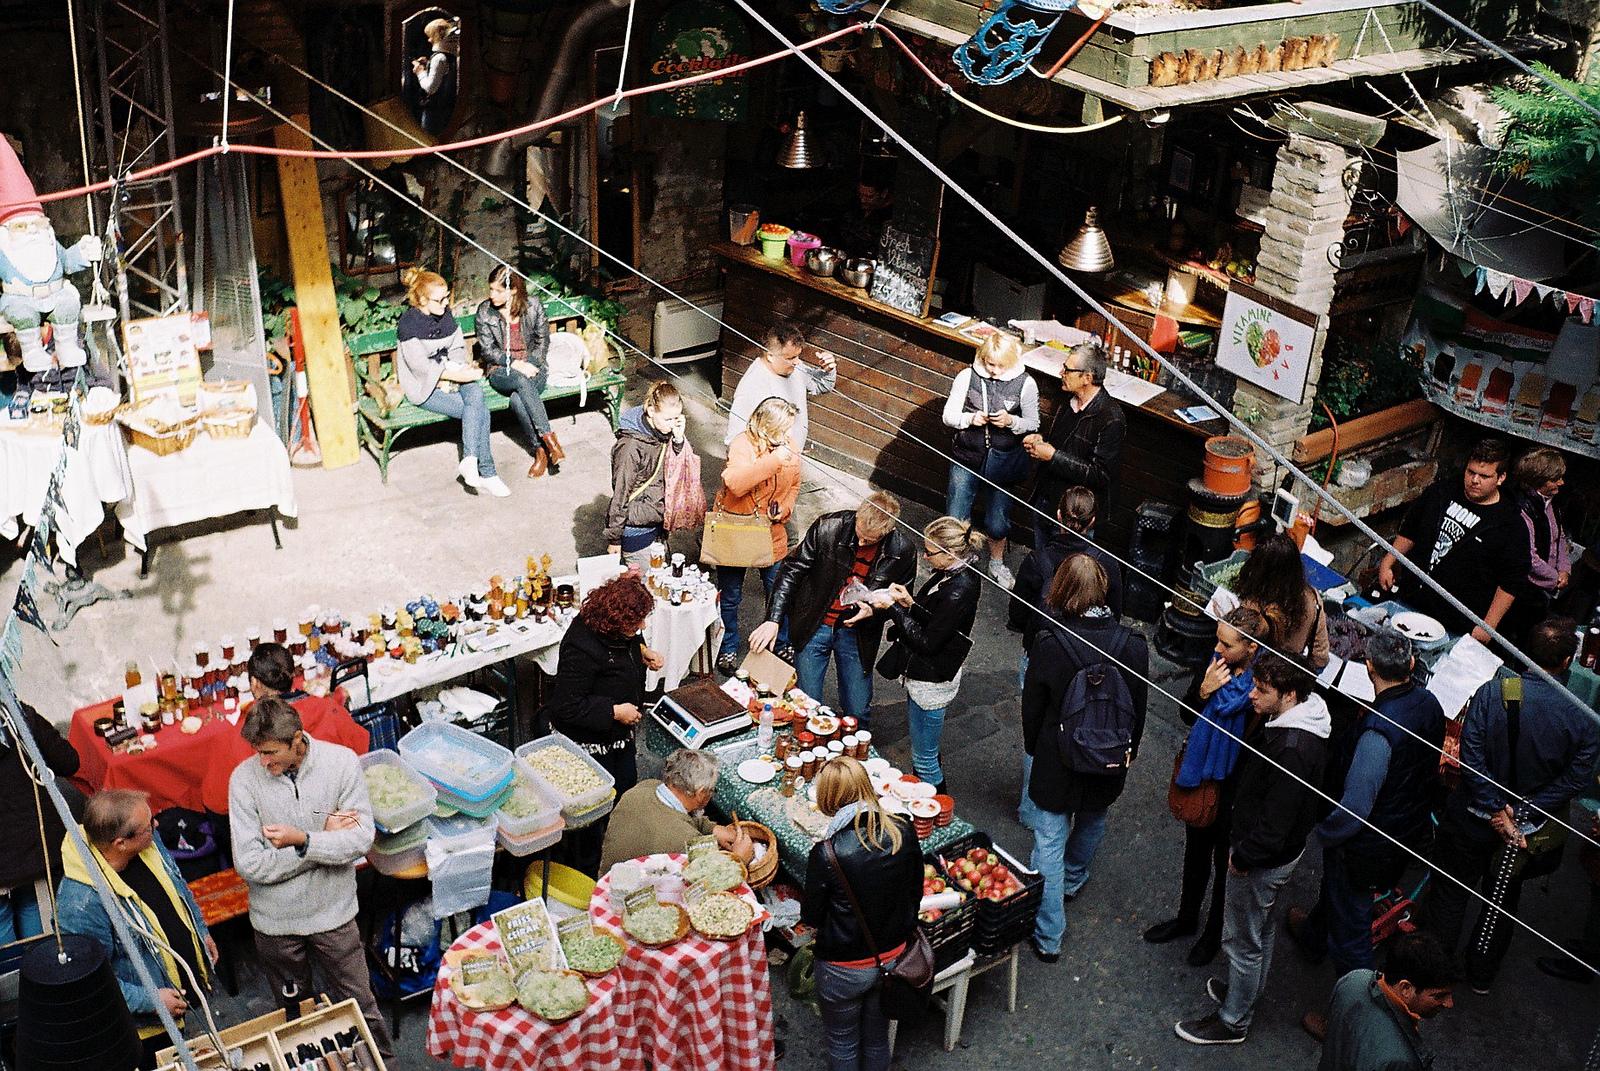 Szimpla vasárnapi őstermelői piac (Fotó: Flickr/benfo)